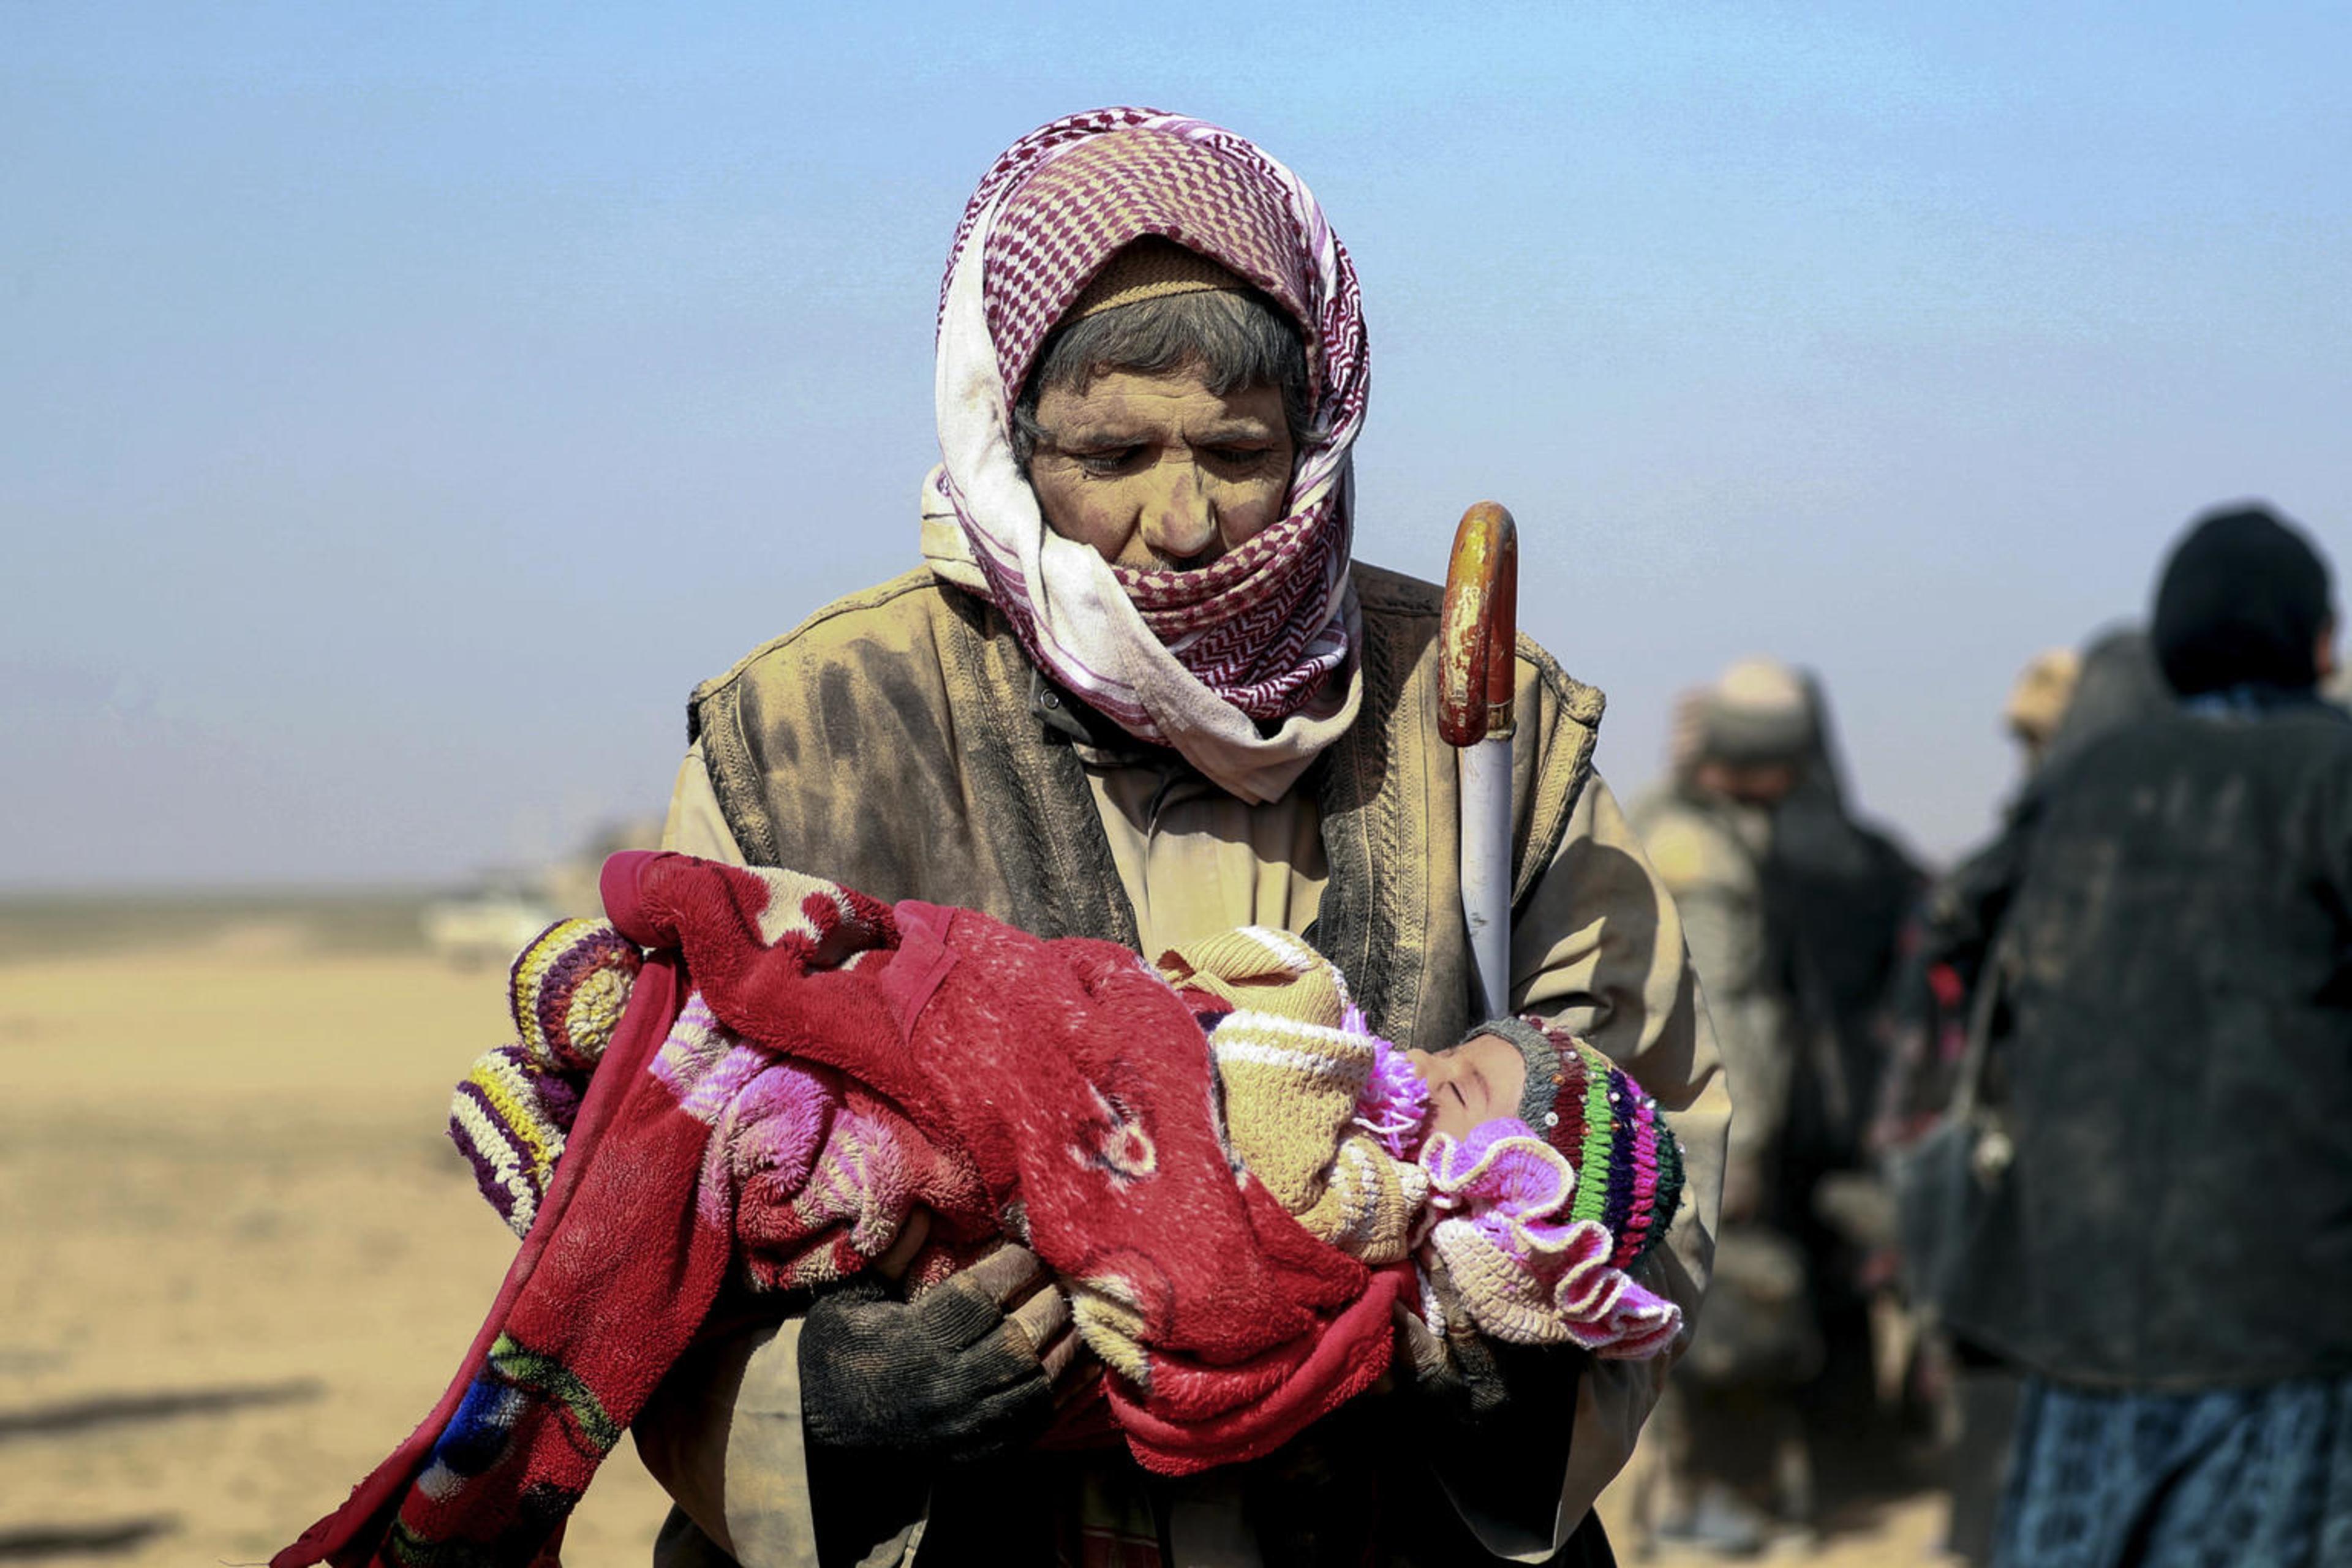 © UNICEF/UN0277722/Souleiman